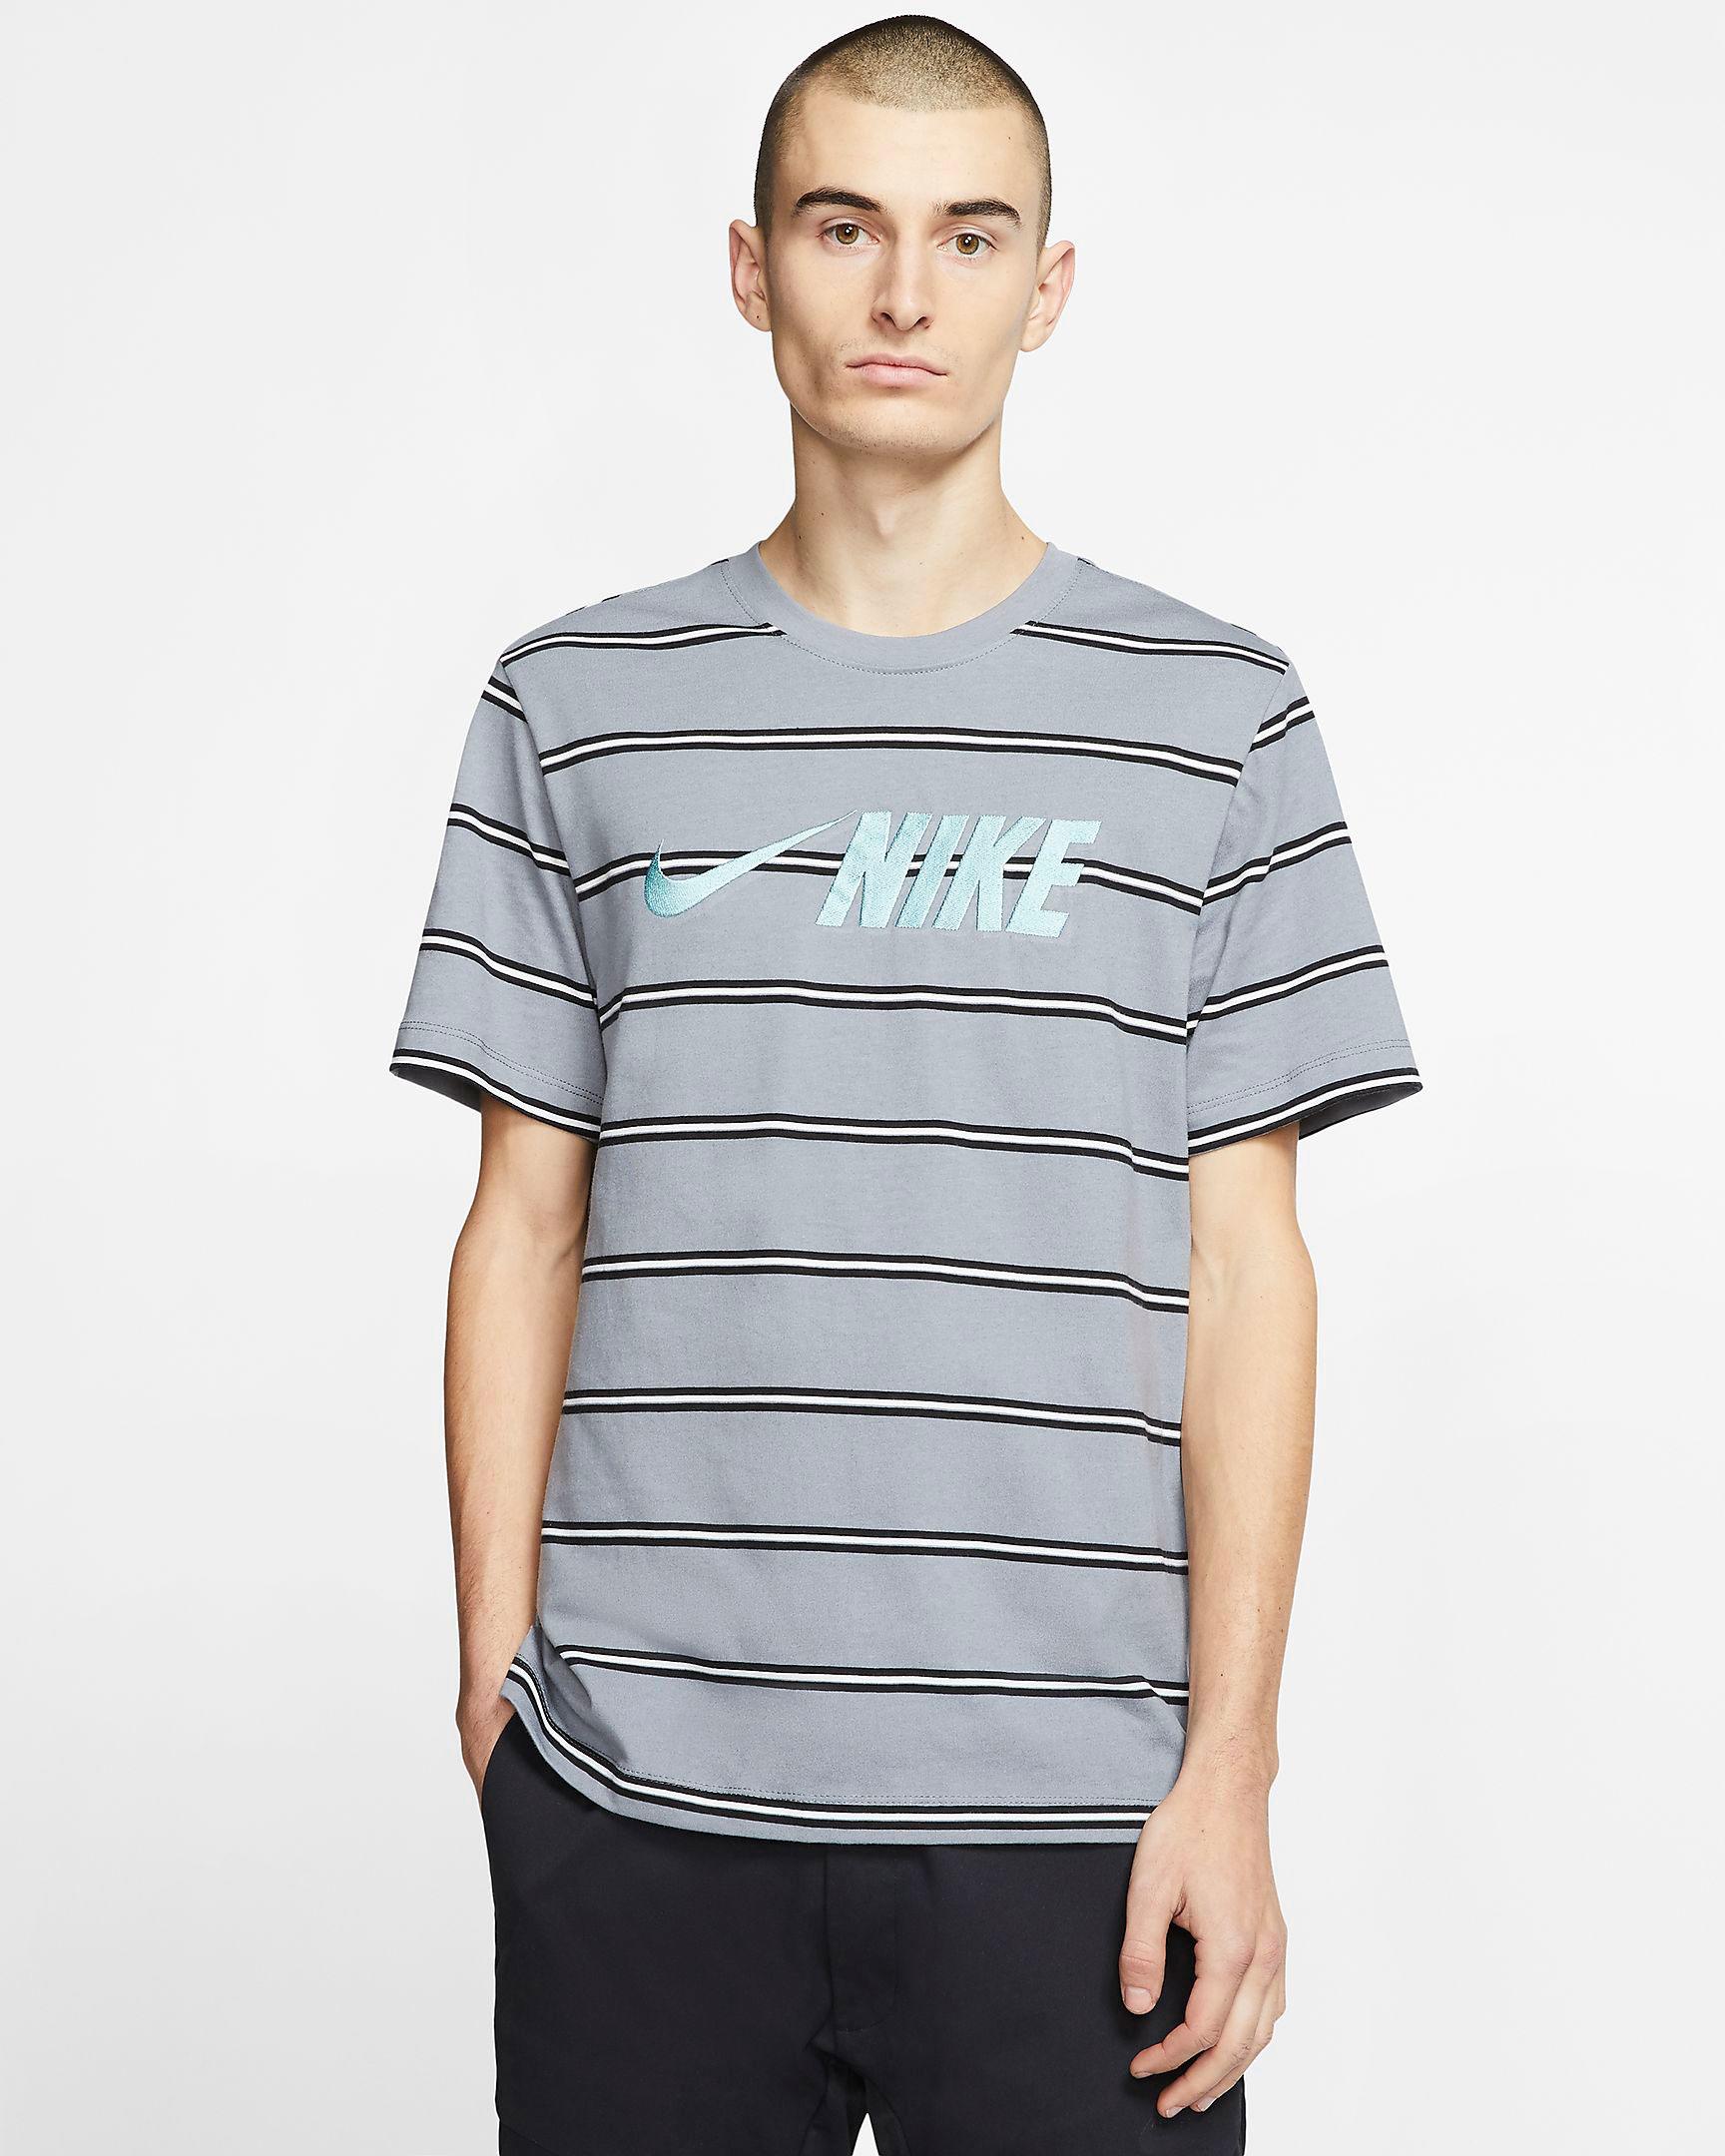 nike-air-max-90-hyper-turquoise-shirt-2